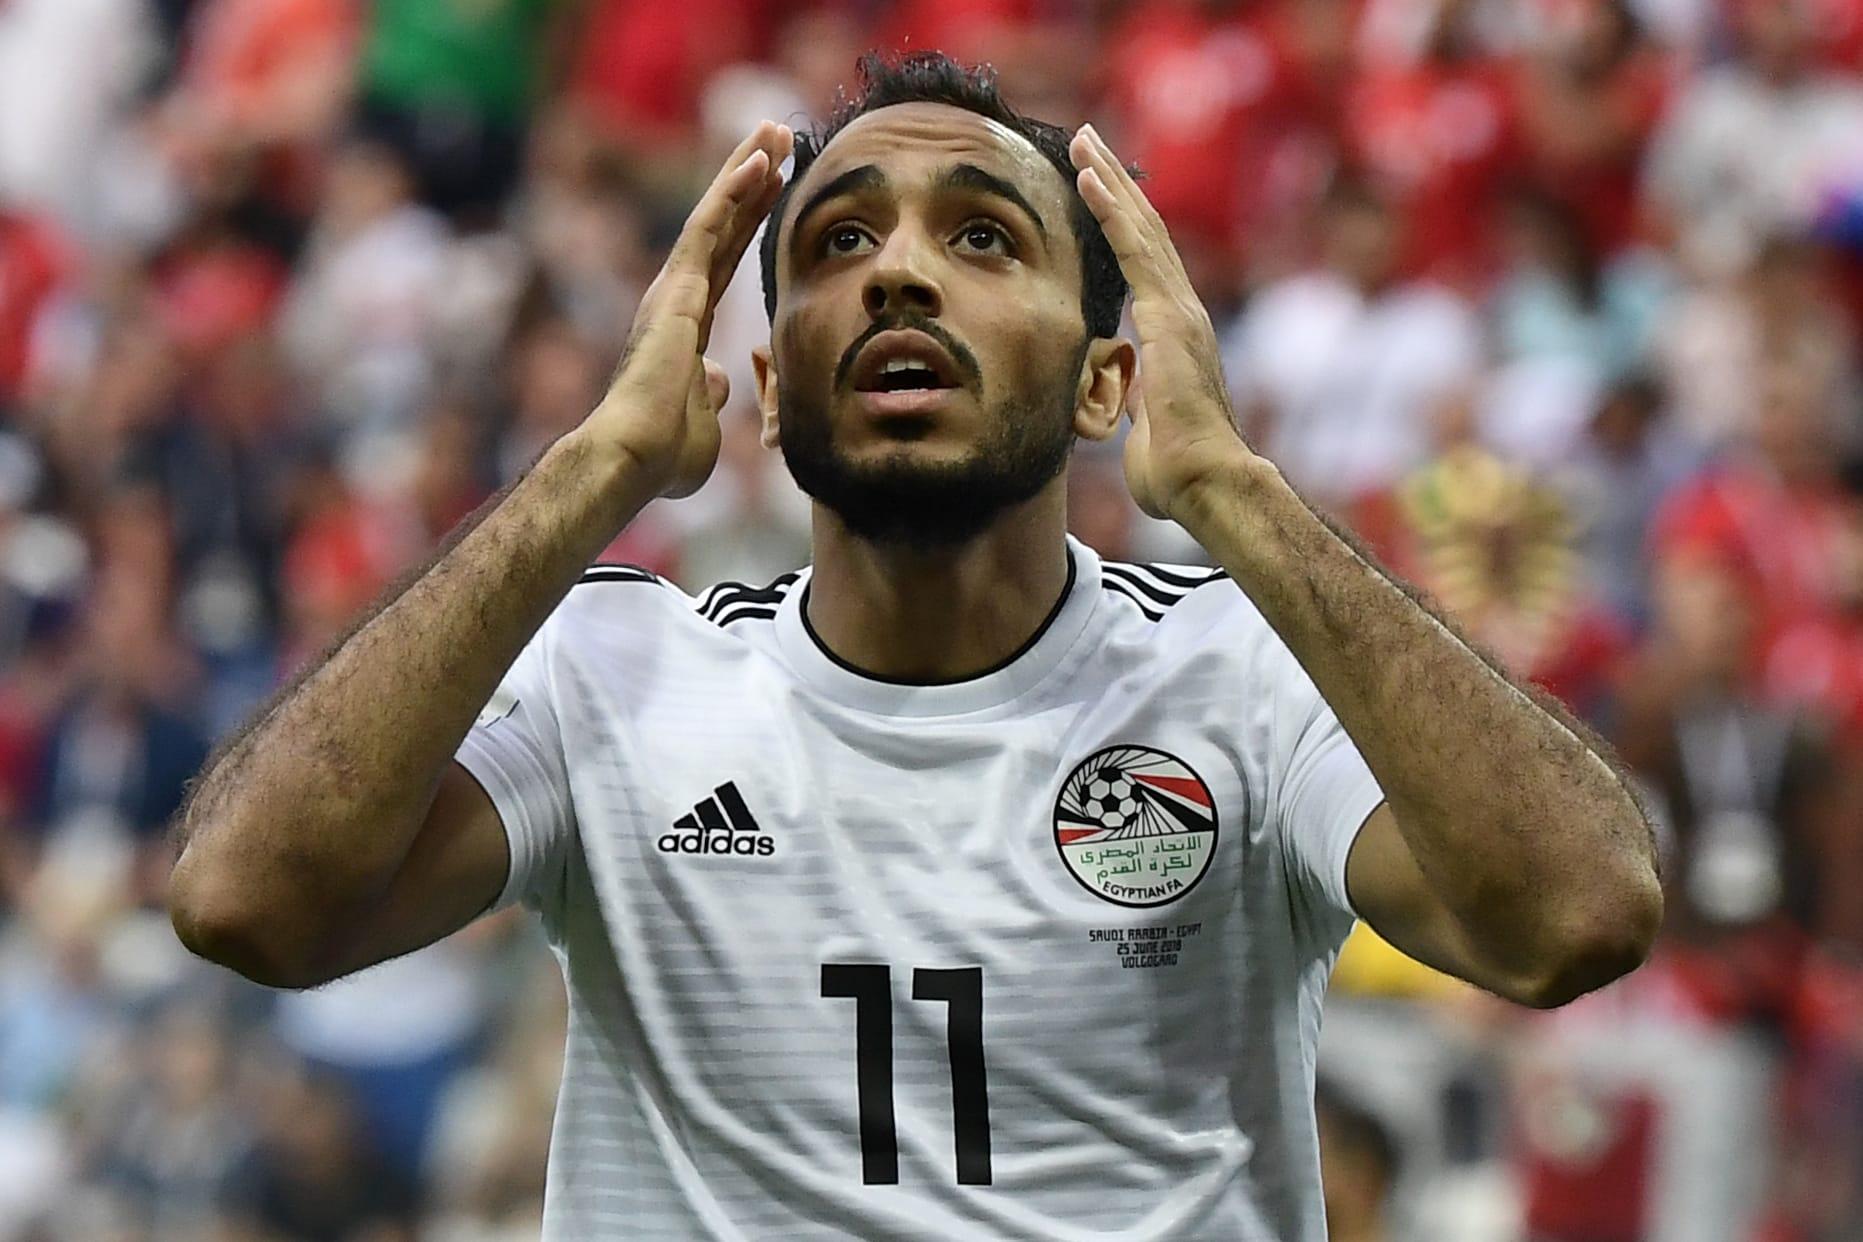 غضب على مواقع التواصل بسبب تشكيلة مصر تحضيرا لكأس أمم أفريقيا